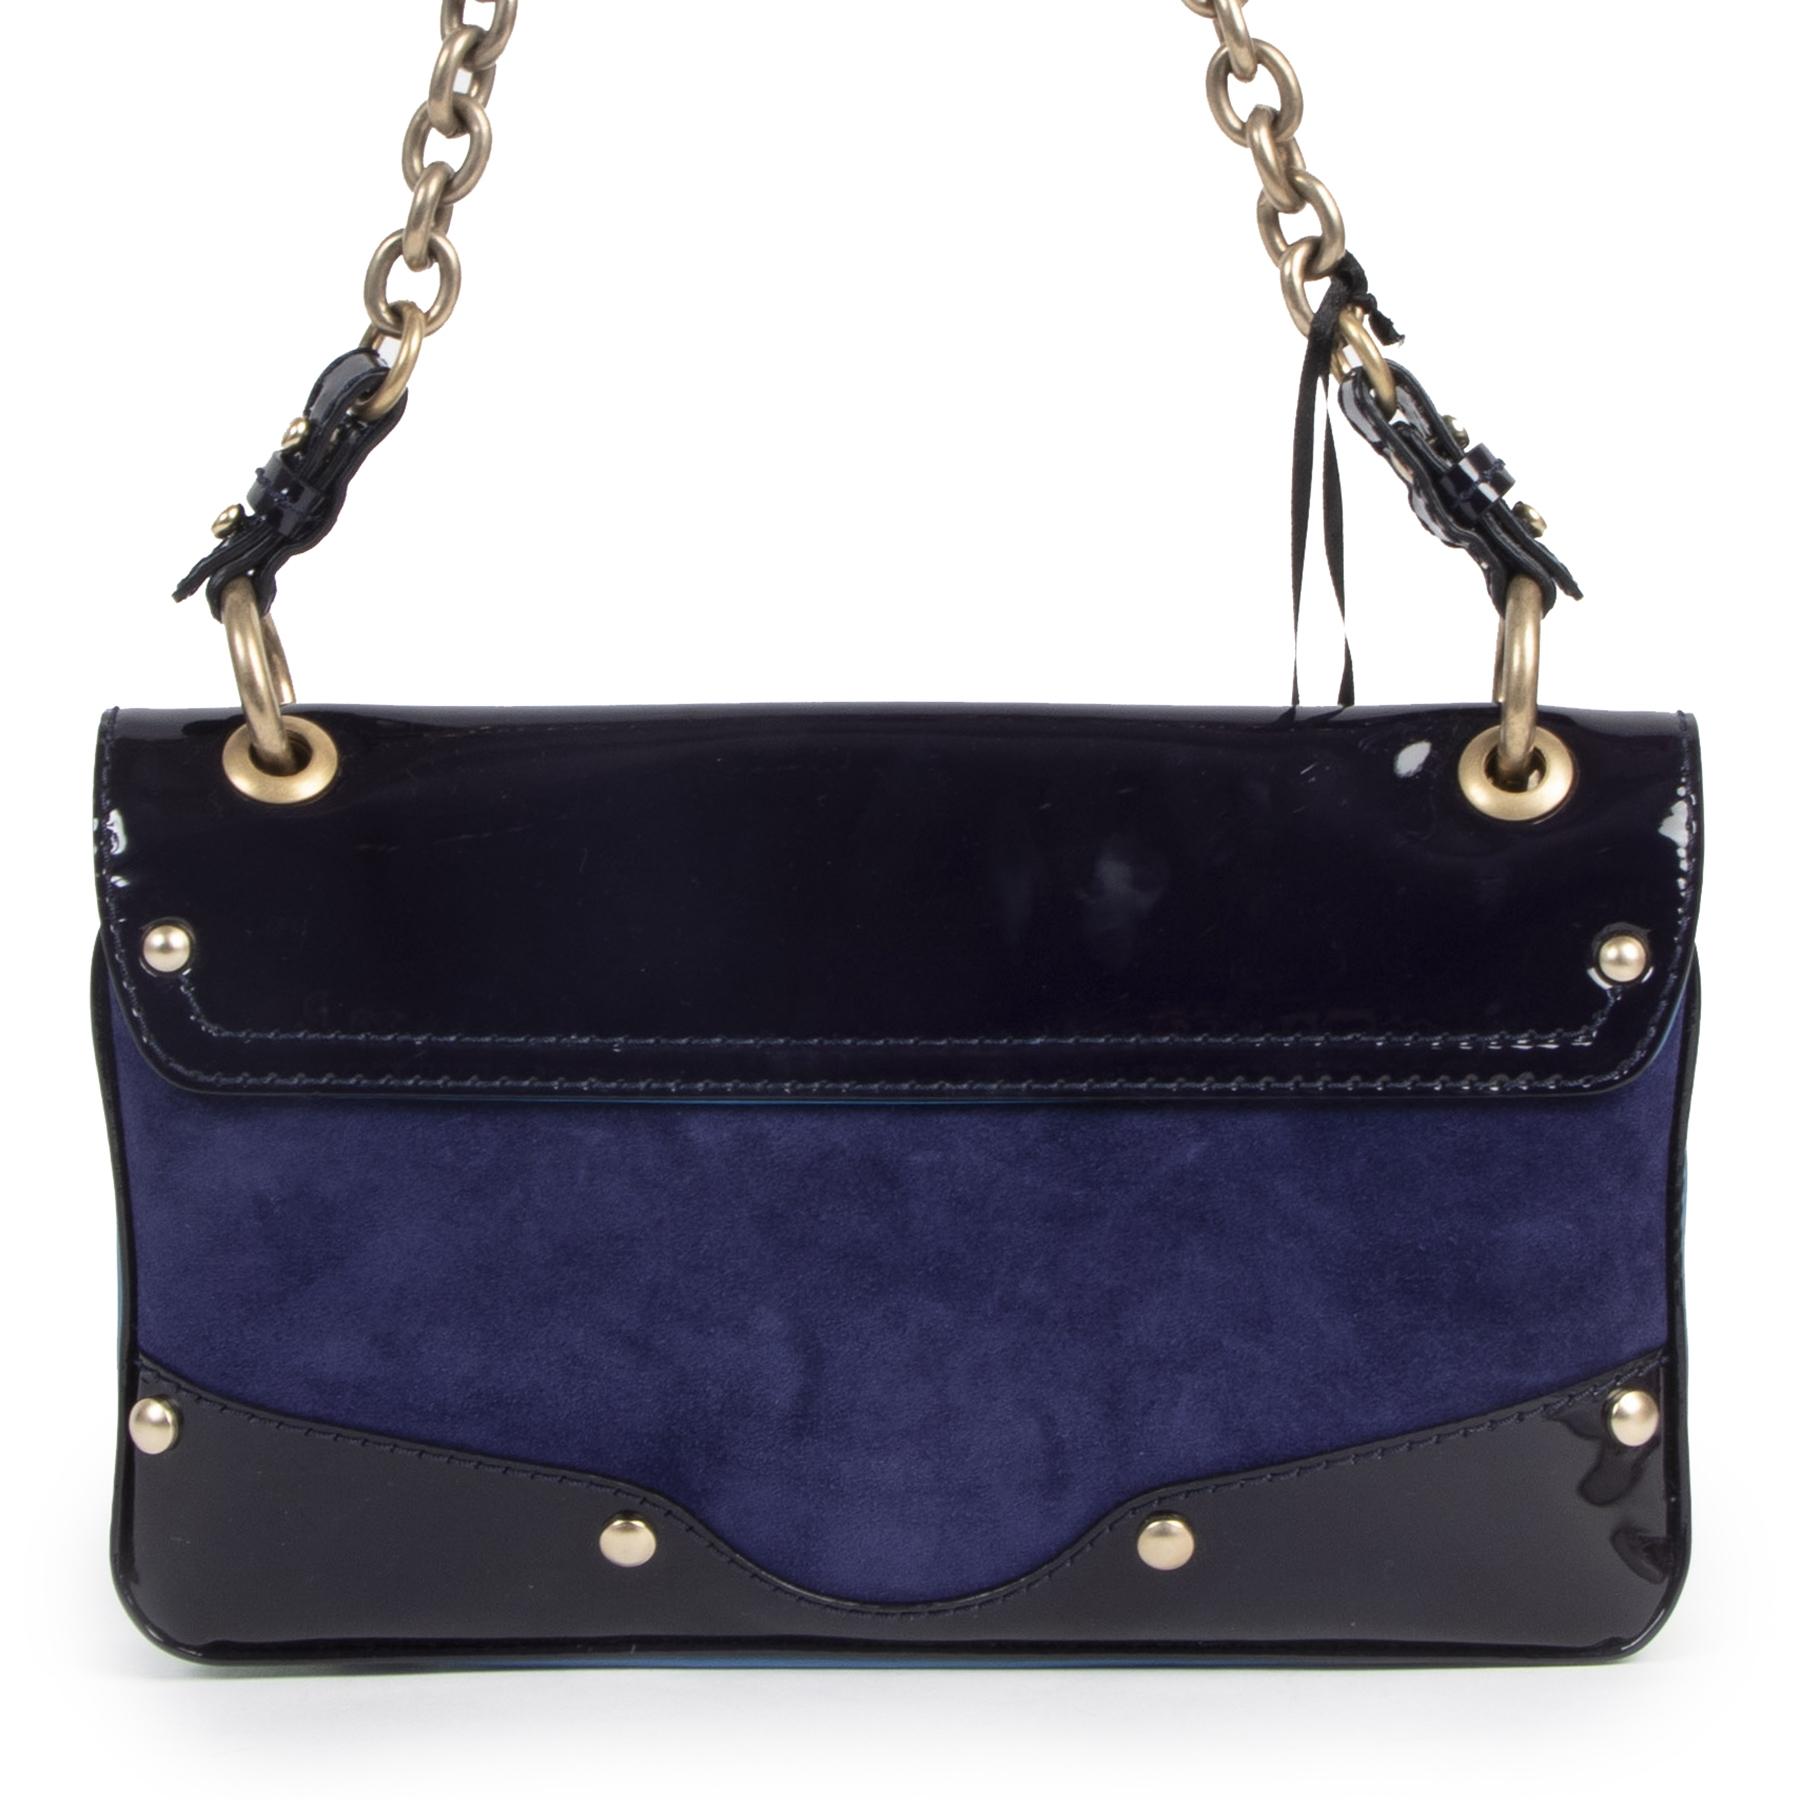 Authentieke Tweedehands Versace Mauve & Blue Shoulder Bag juiste prijs veilig online shoppen luxe merken webshop winkelen Antwerpen België mode fashion